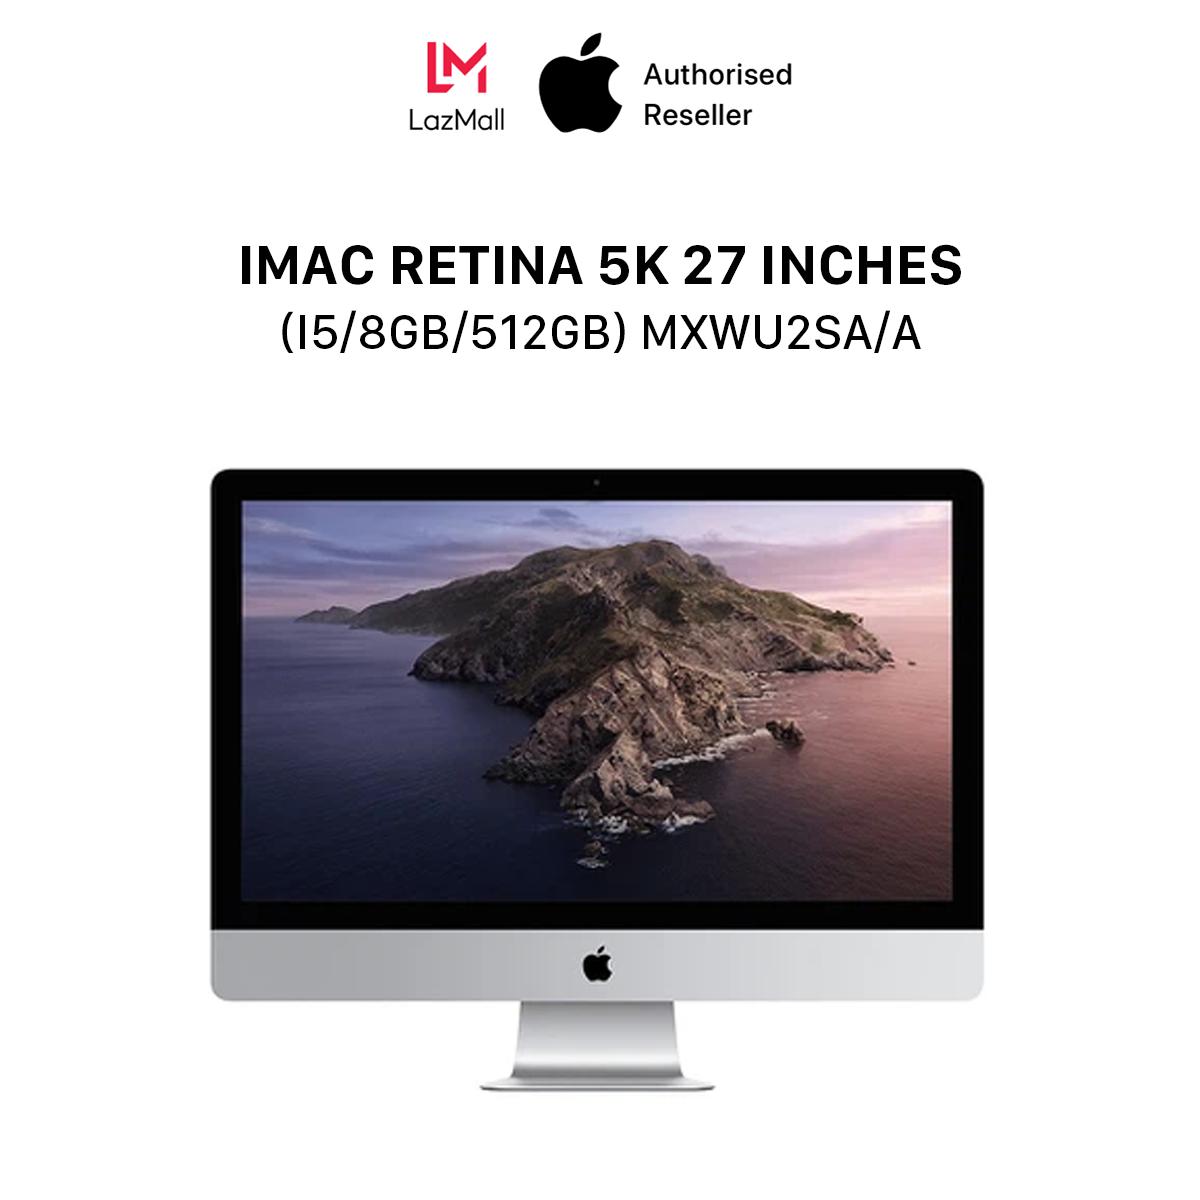 iMac Retina 5K (5120×2880) 27 inches (i5 6-core / 3.3GHz Turbo Boost up to 4.8GHz / 8GB / 512GB) l MXWU2SA/A l HÀNG CHÍNH HÃNG